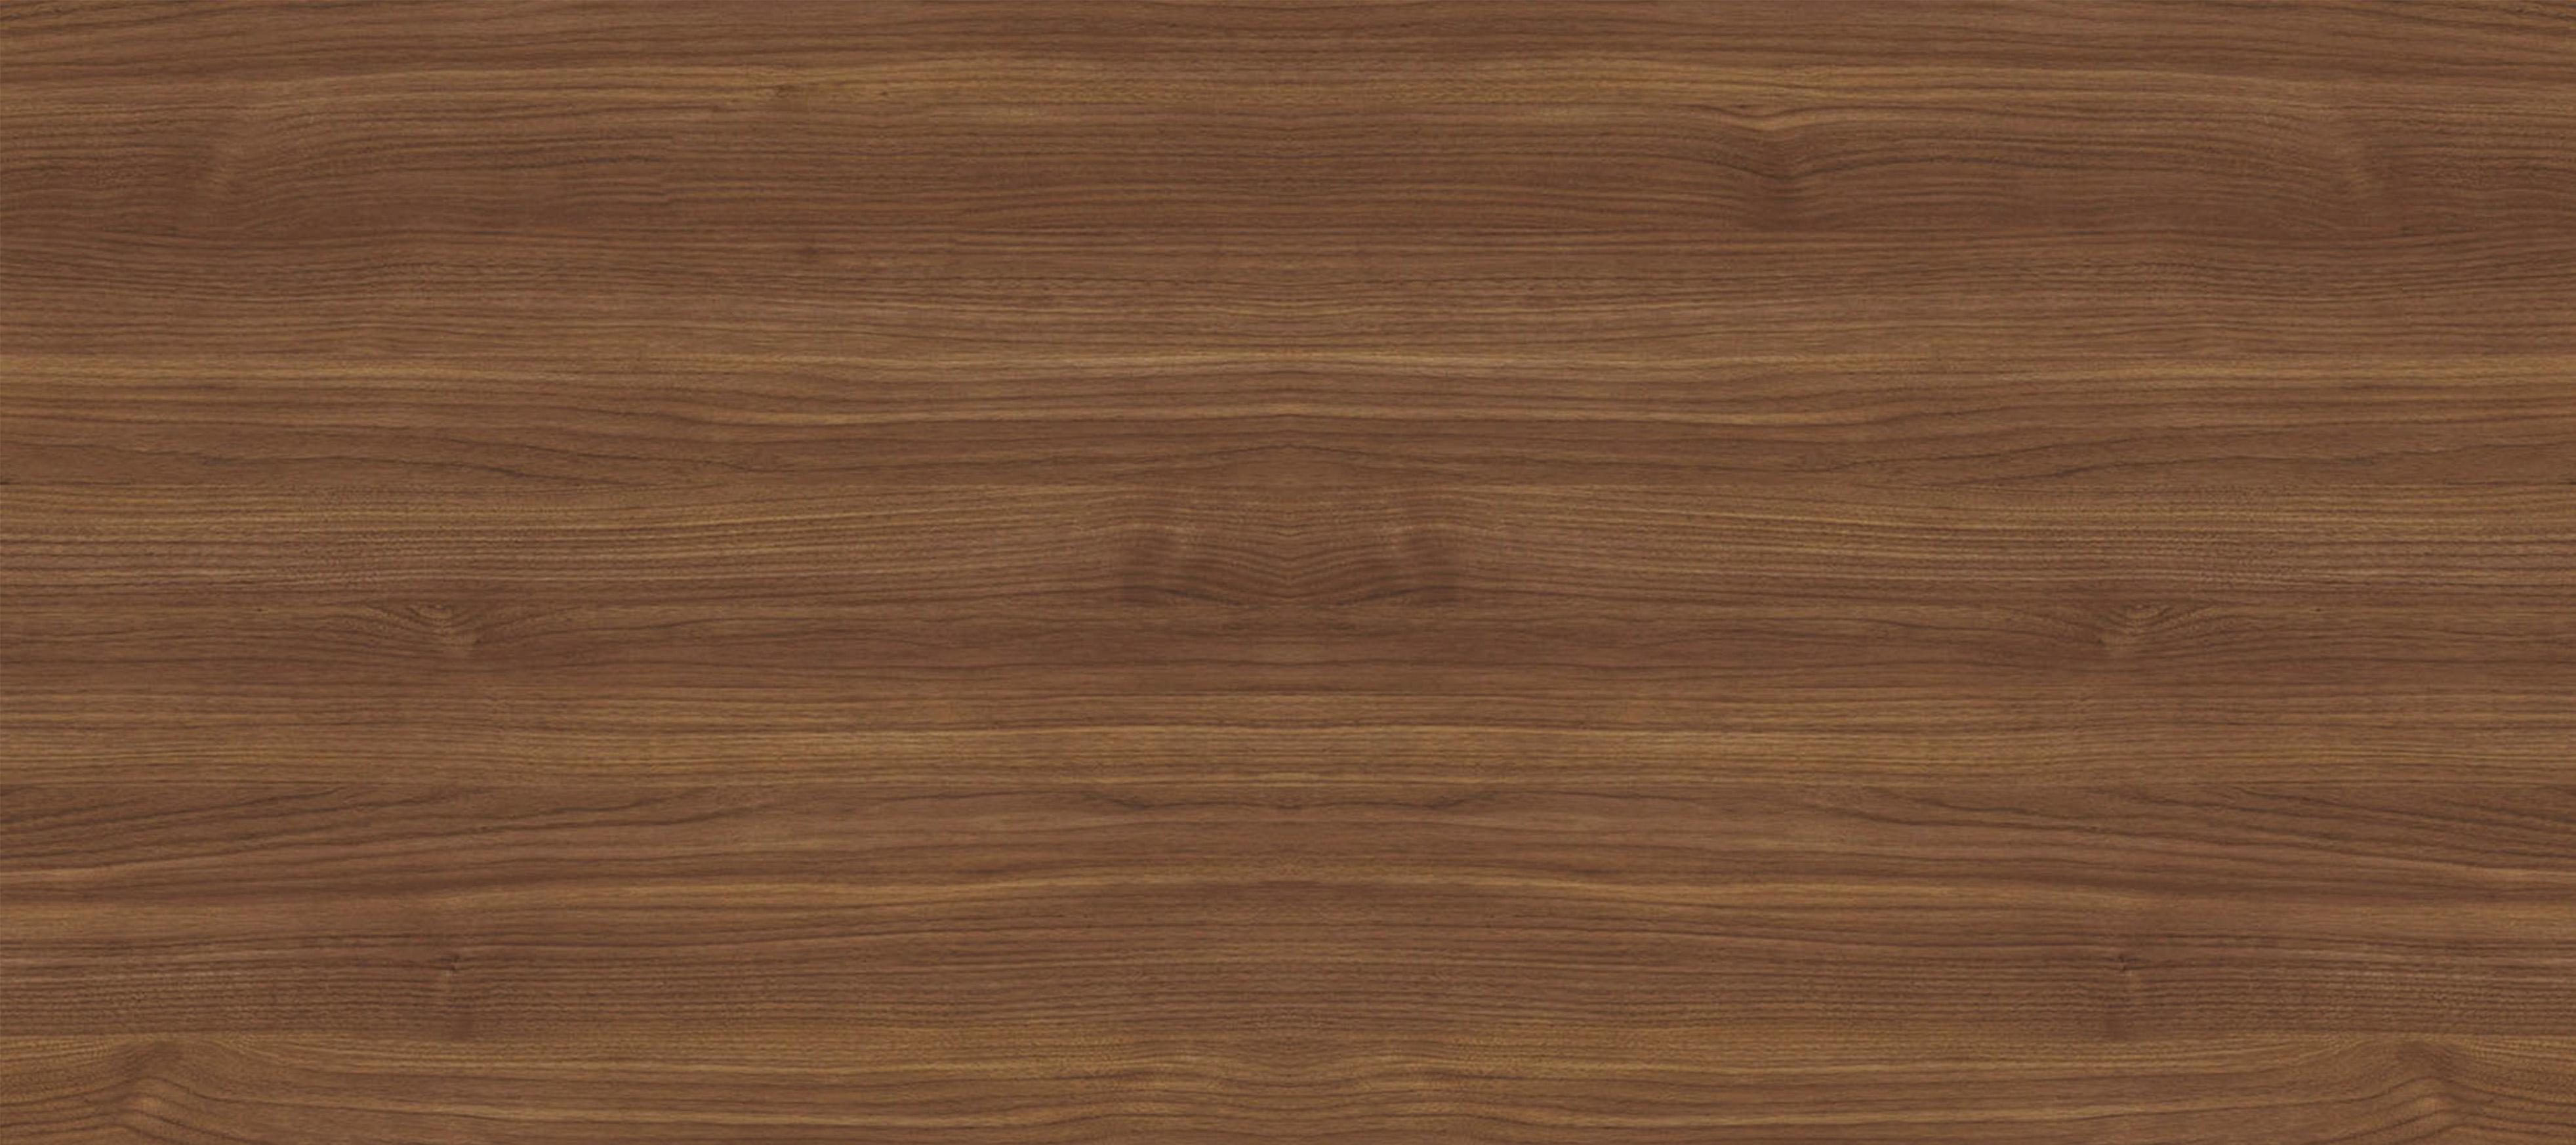 Legno Rovere Texture E Rovere Nodato 2 Texture Download C4dzone